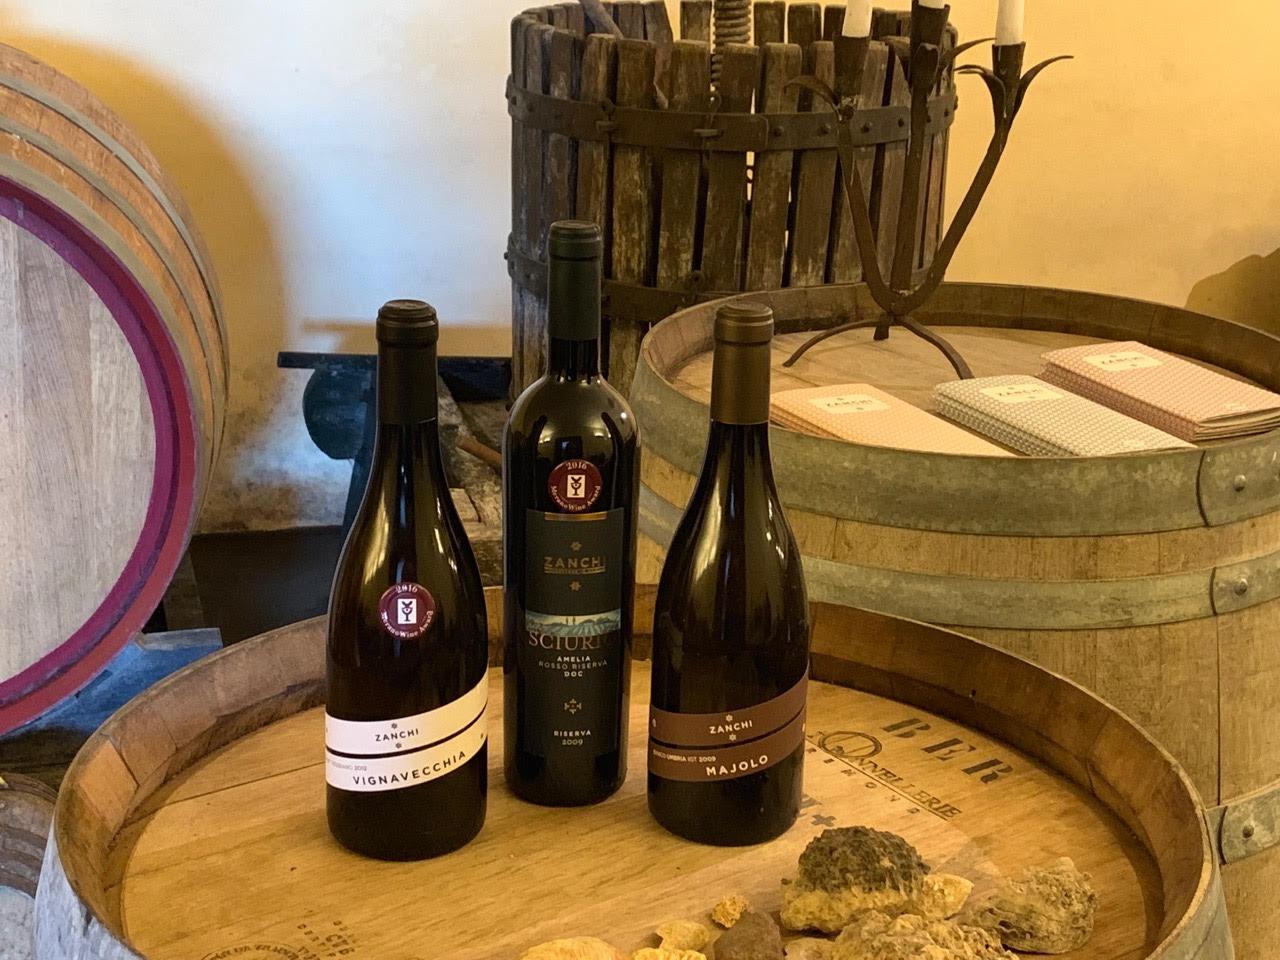 zanchi-bottiglia-vino-amelia-botti-wine